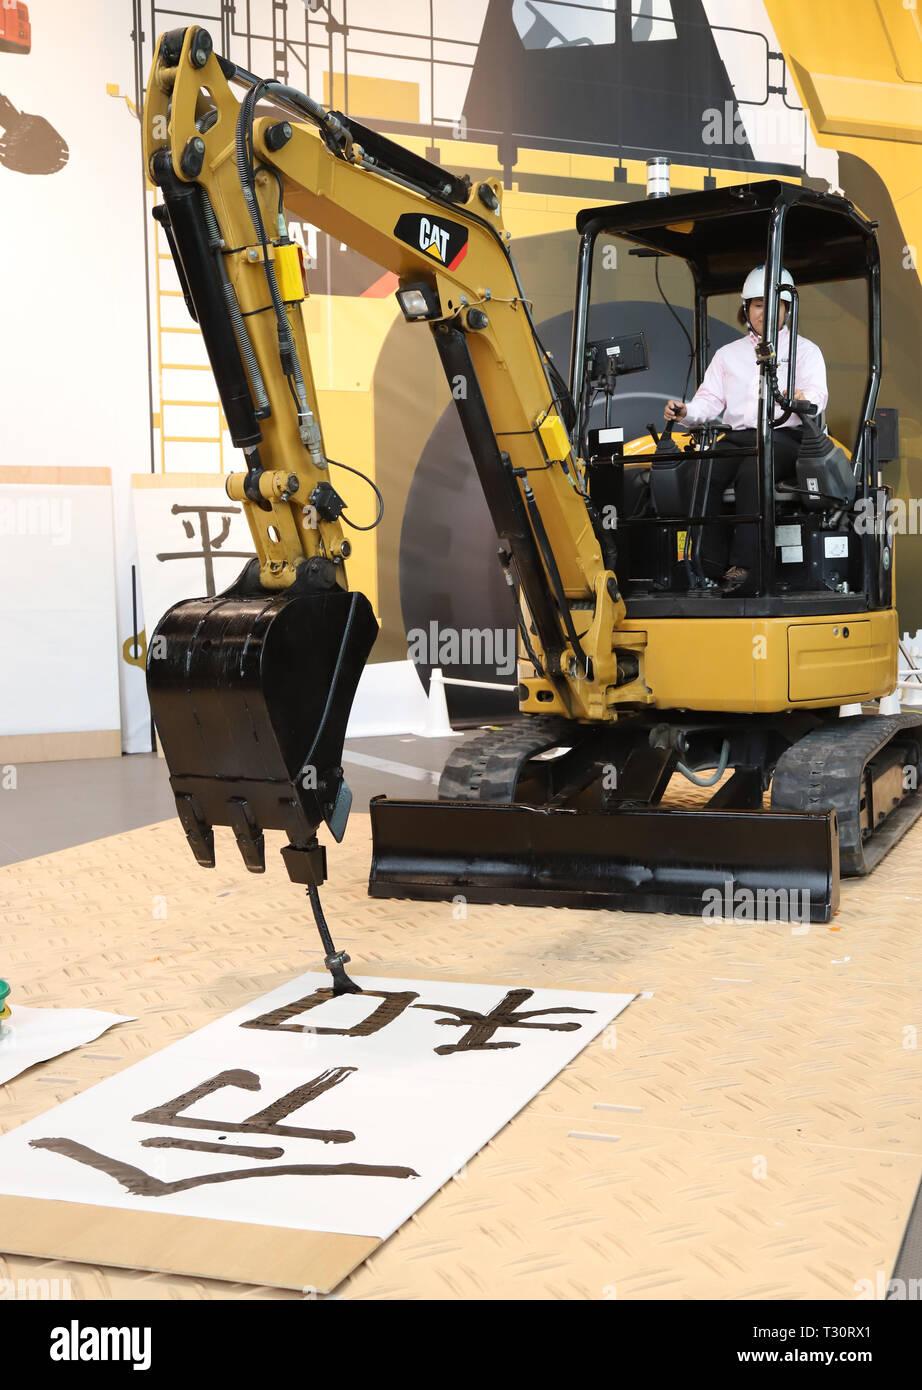 Tokyo, Japan  5th Apr, 2019  Construction machine maker Caterpillar